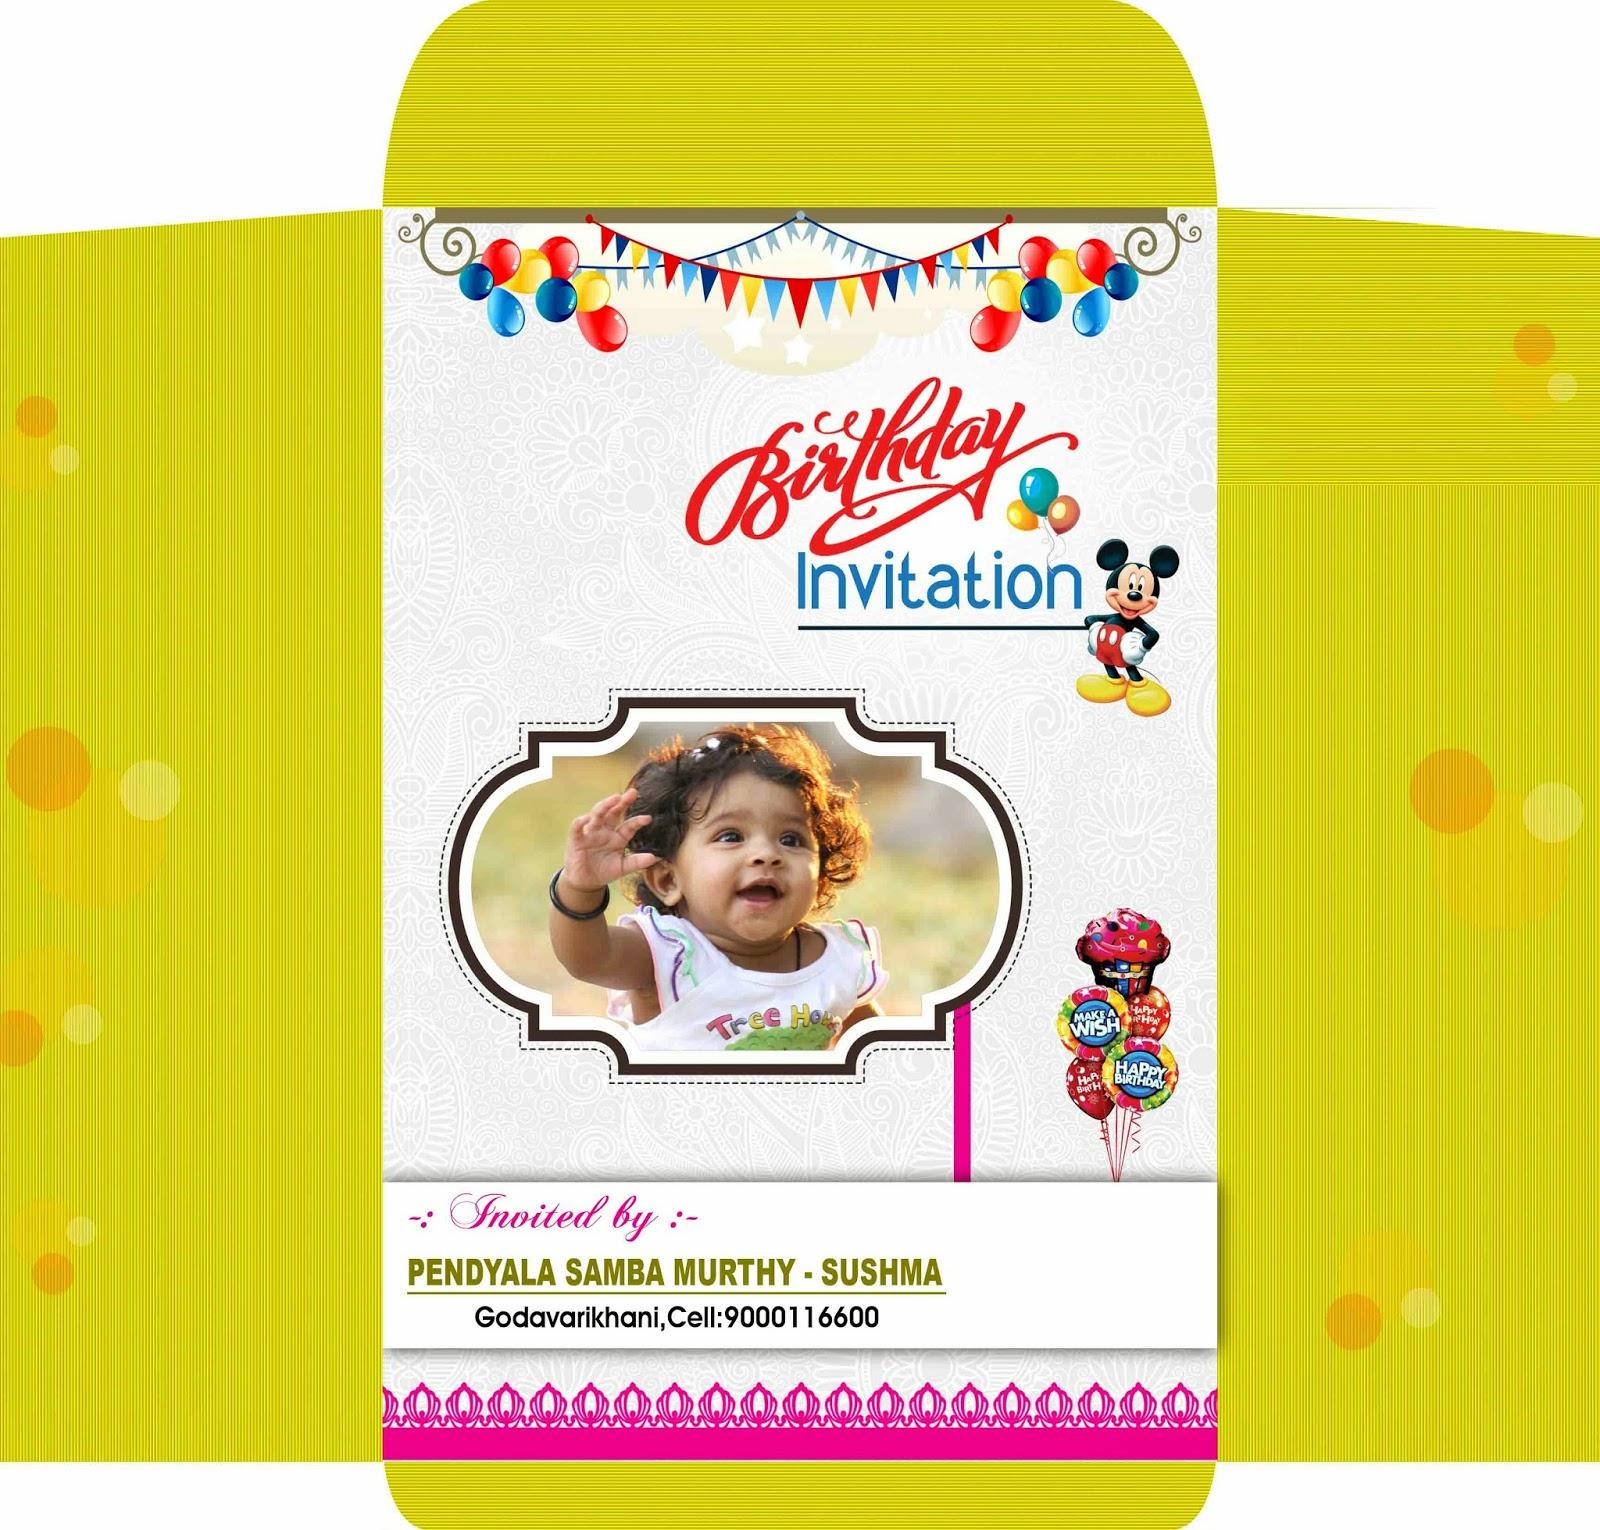 Birthday Invitation Card & Cover Design